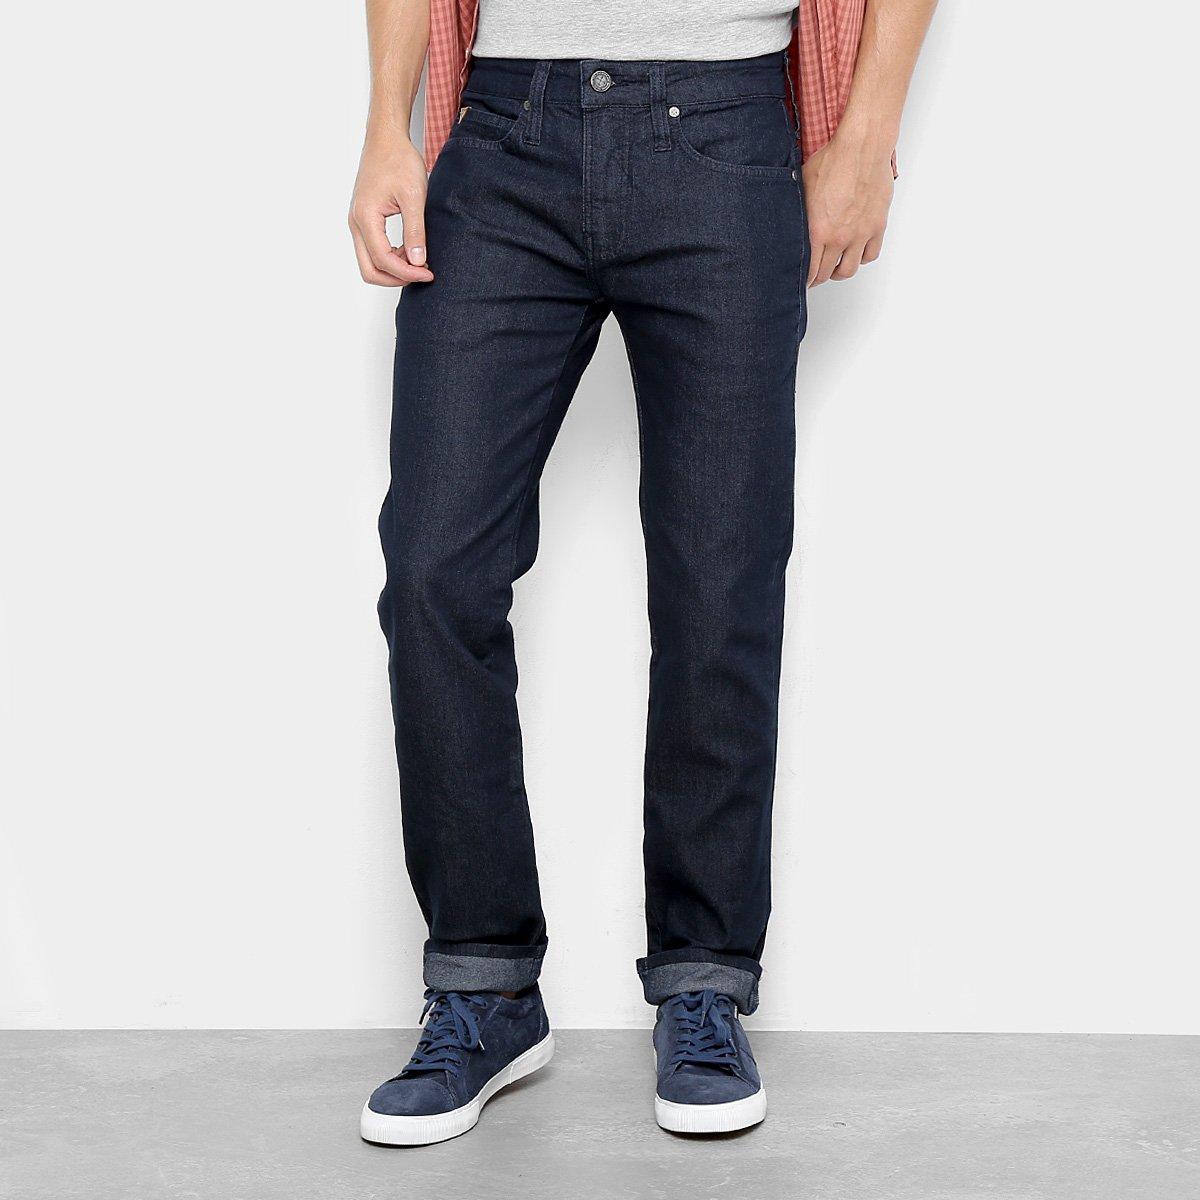 373d08de3 Calça Jeans Skinny Colcci Alex Masculina